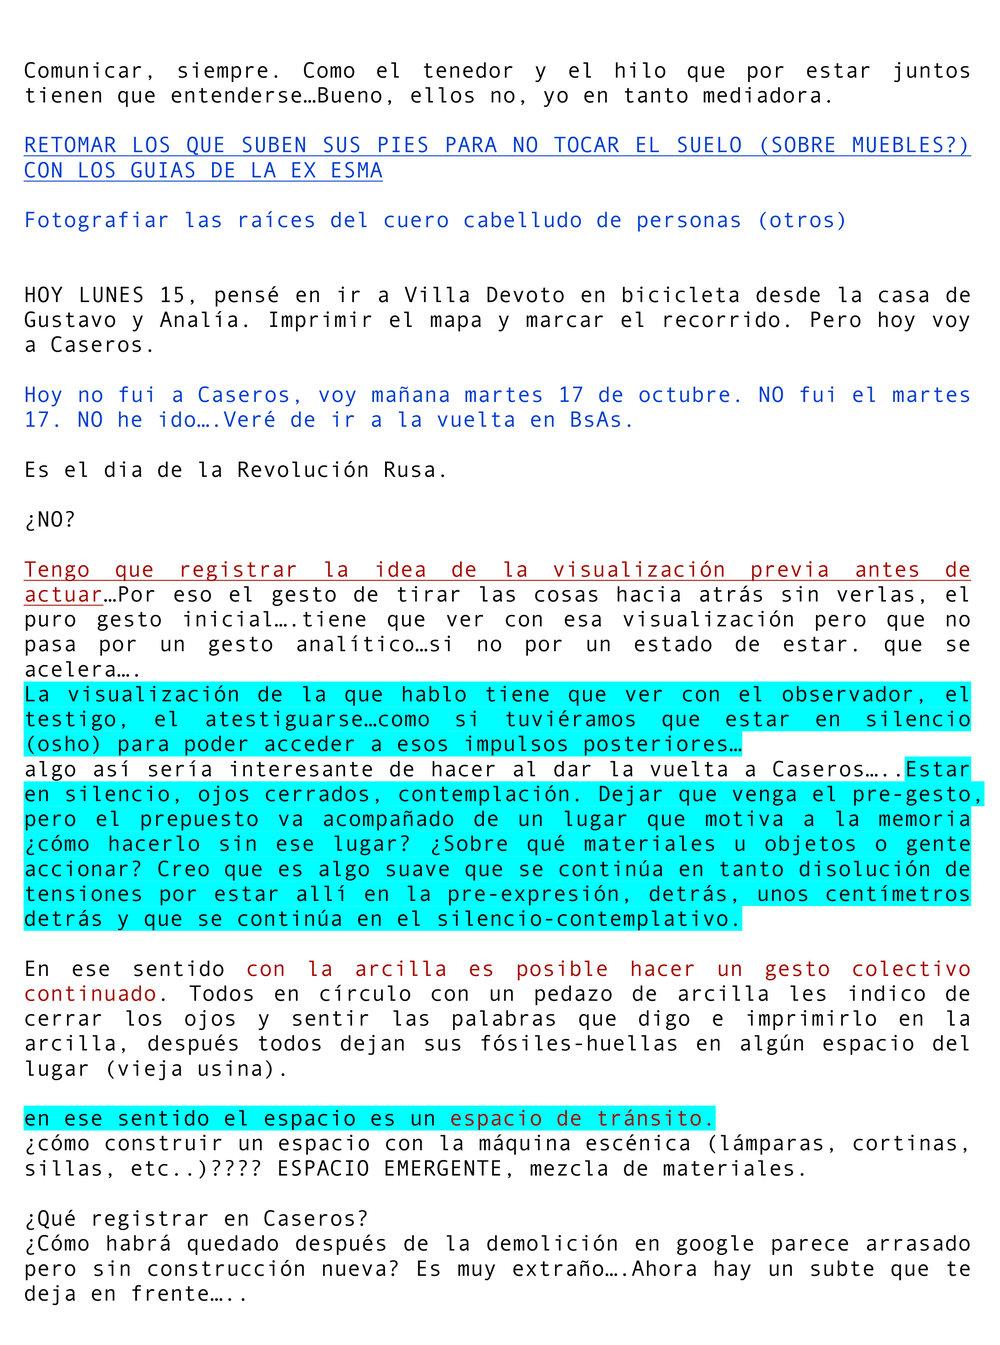 DIARIO_ARGENTINA-3.jpg